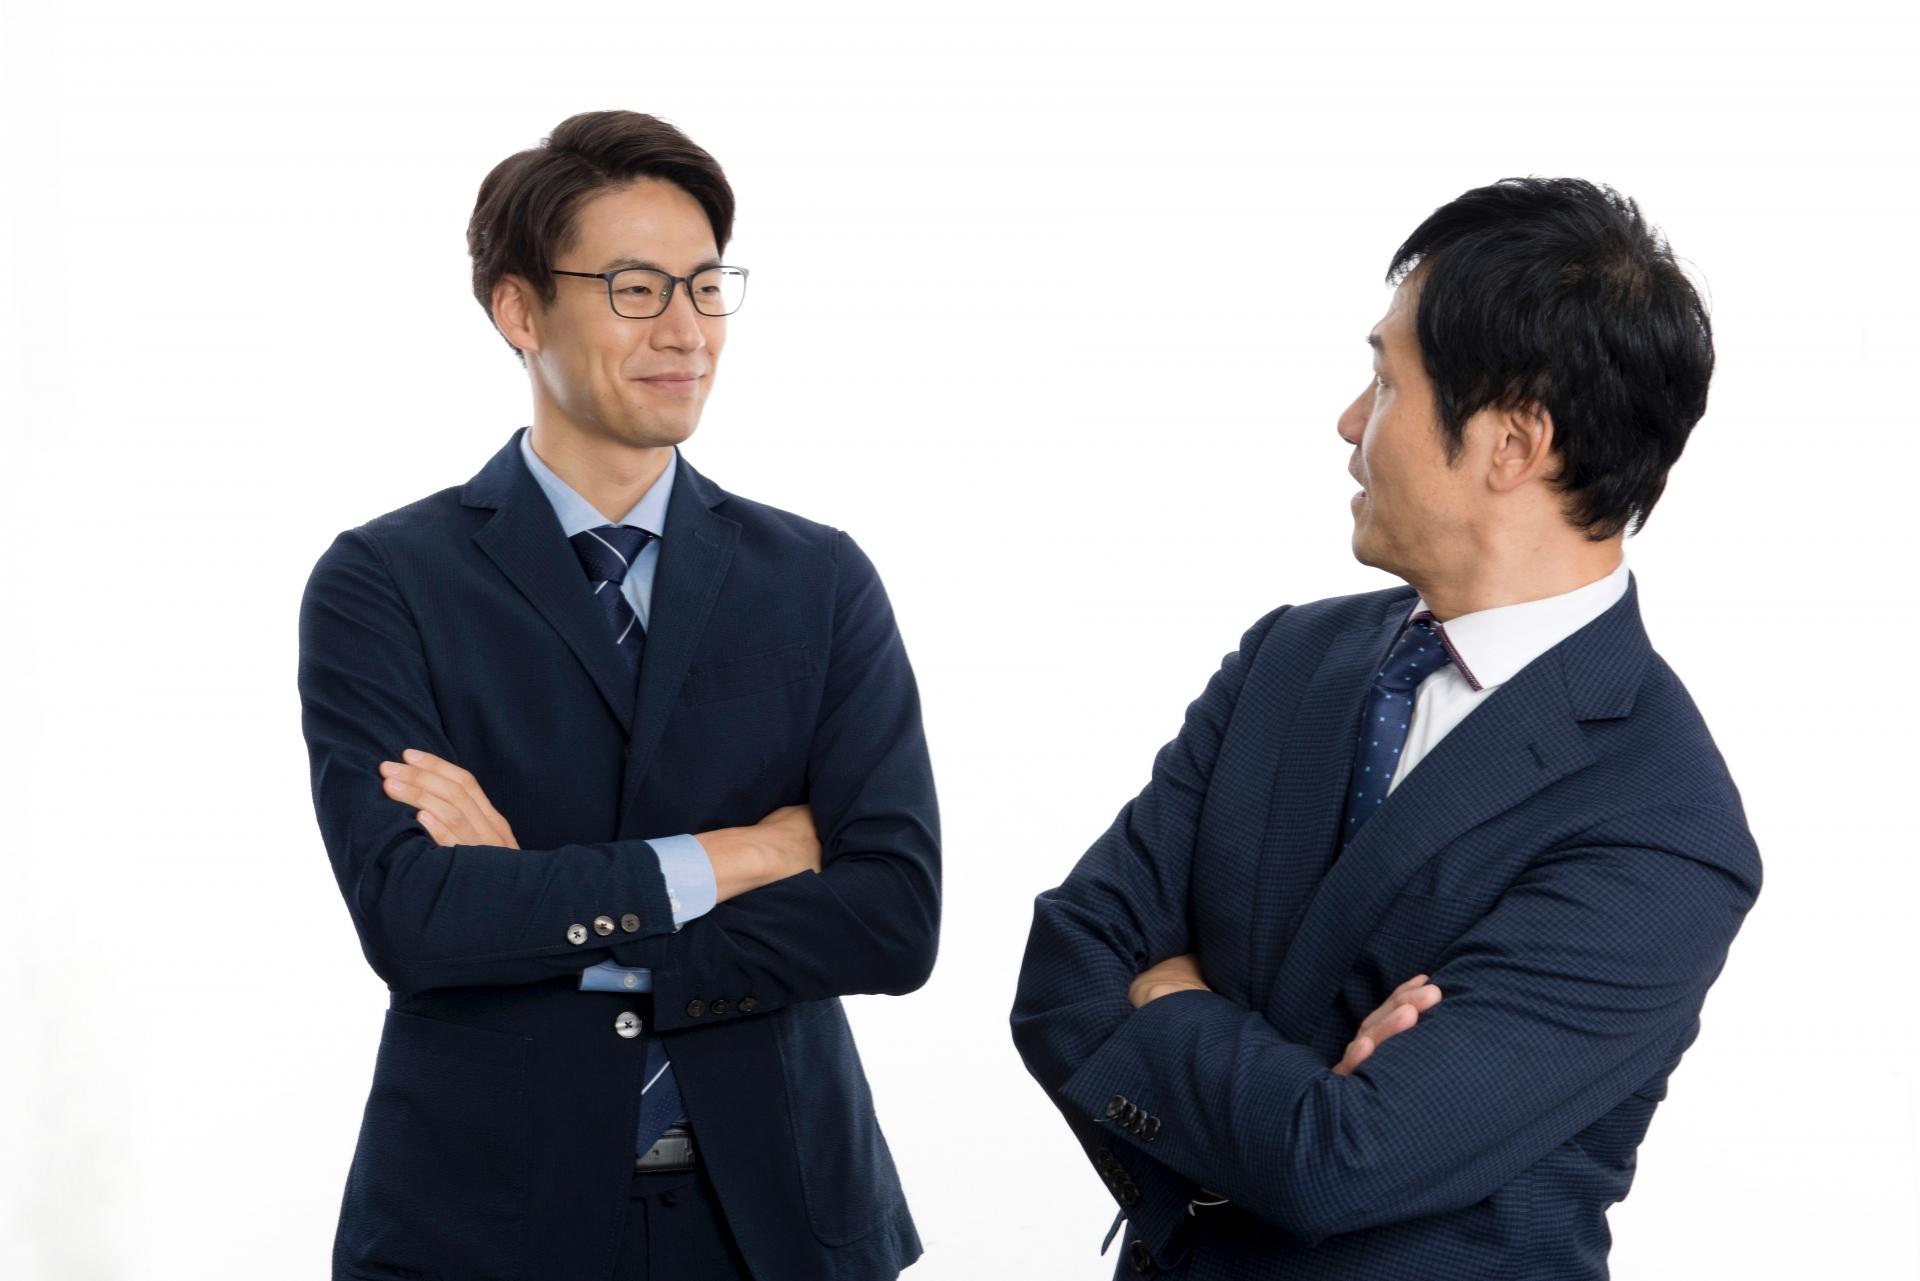 学生と企業との感覚のズレ